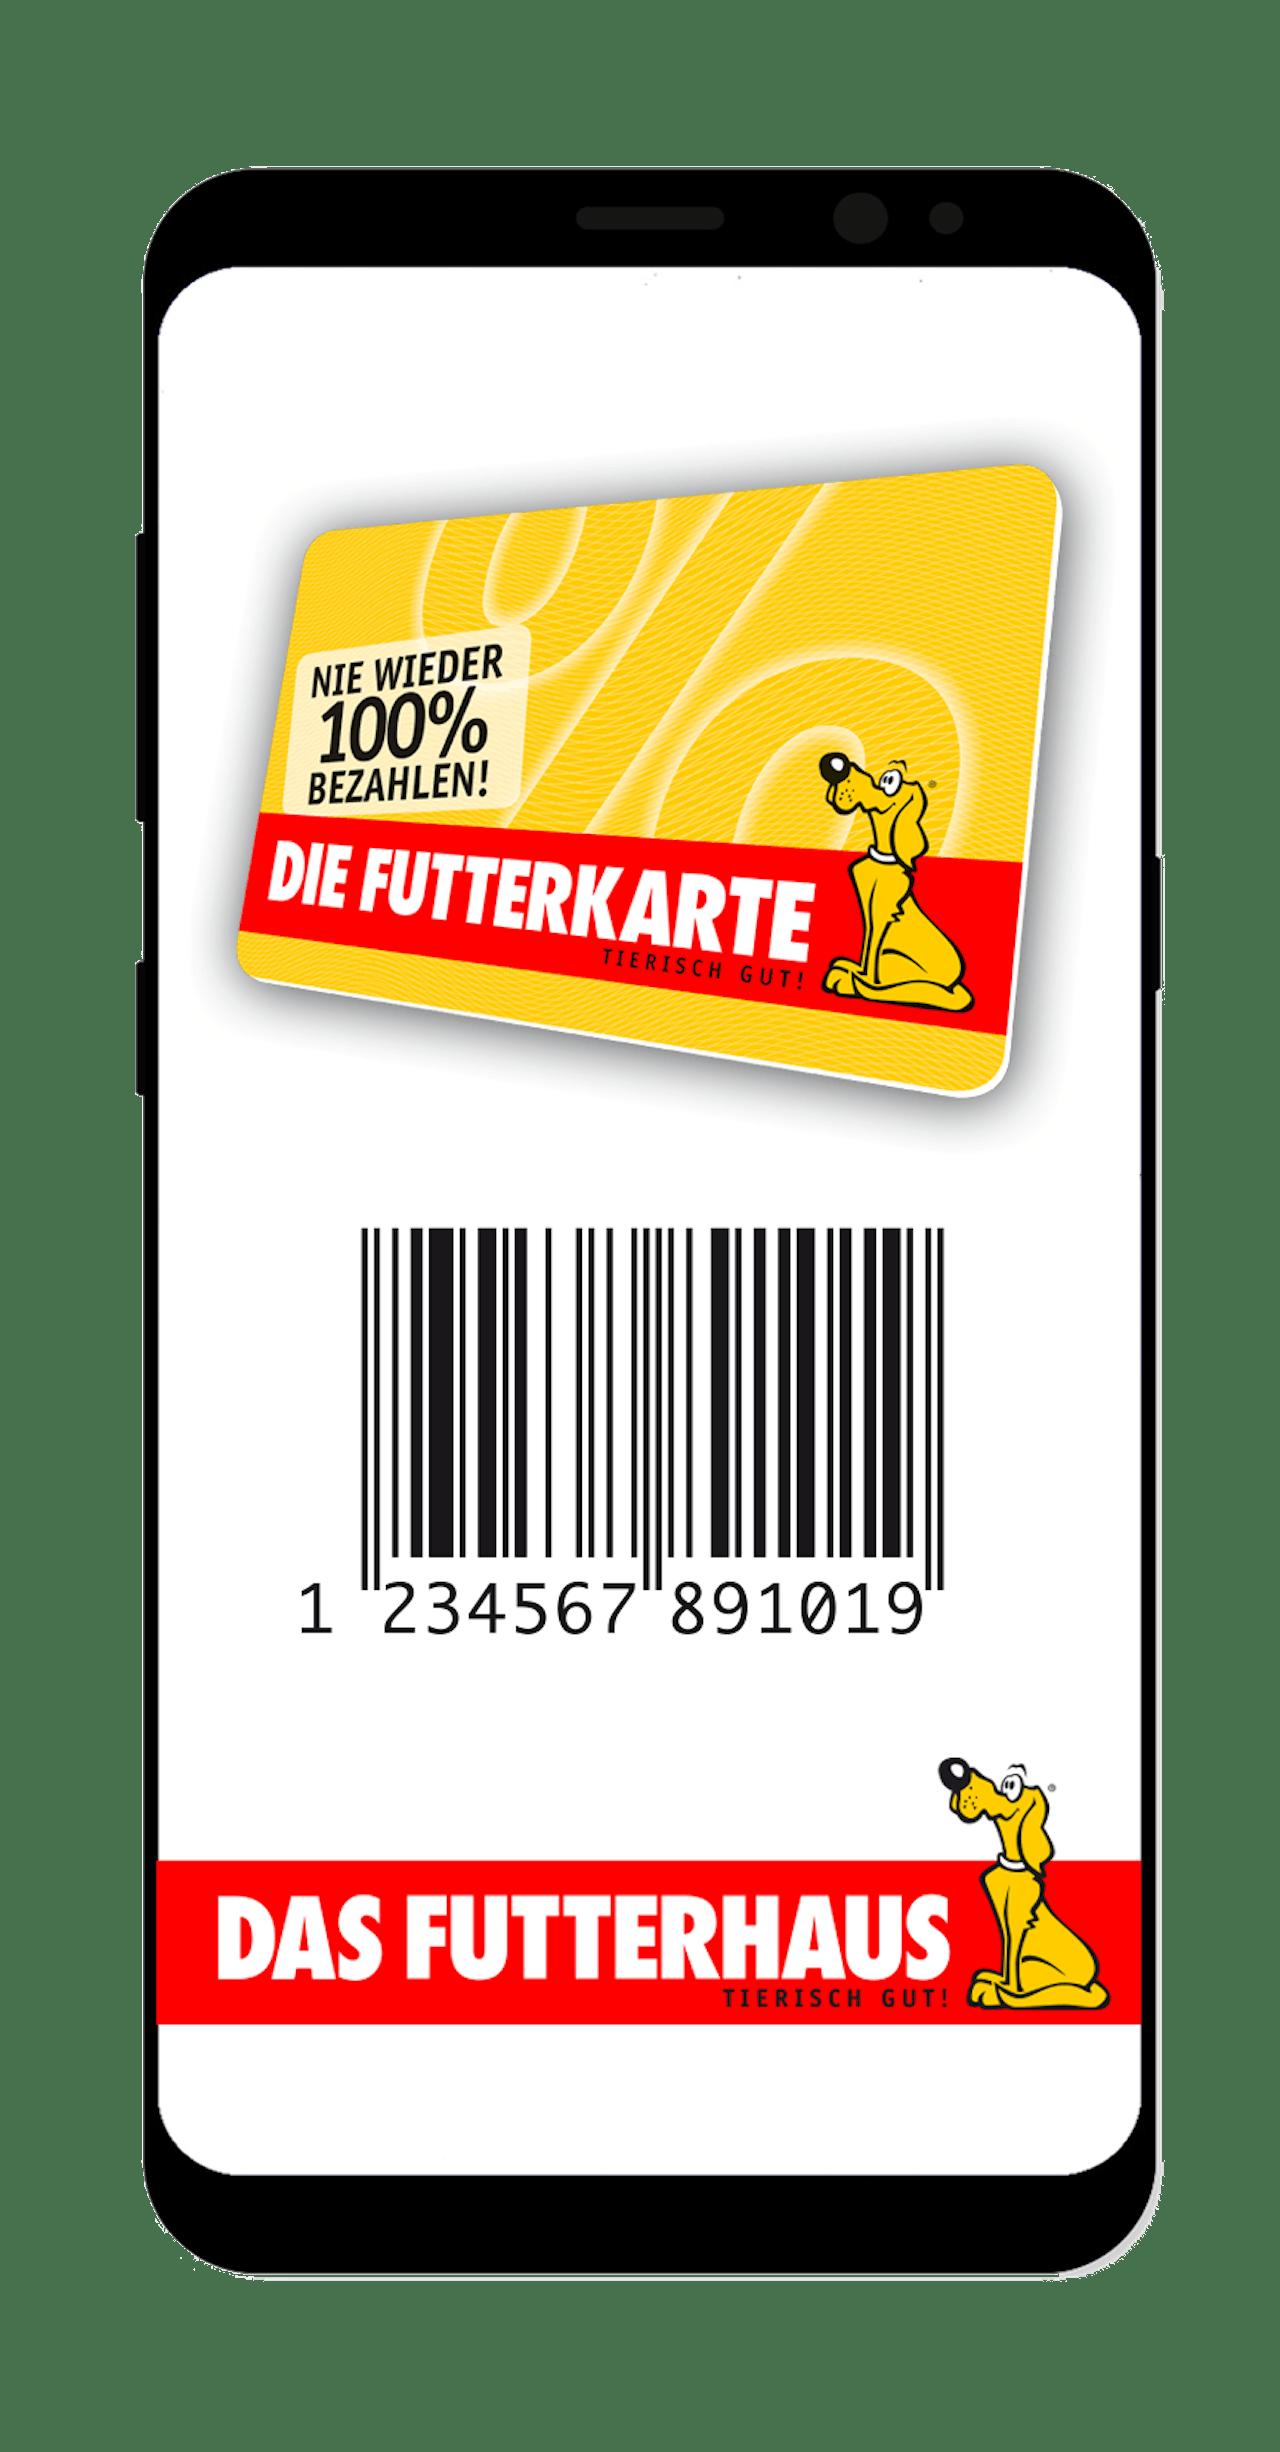 Die digitale FUTTERKARTE von DAS FUTTERHAUS